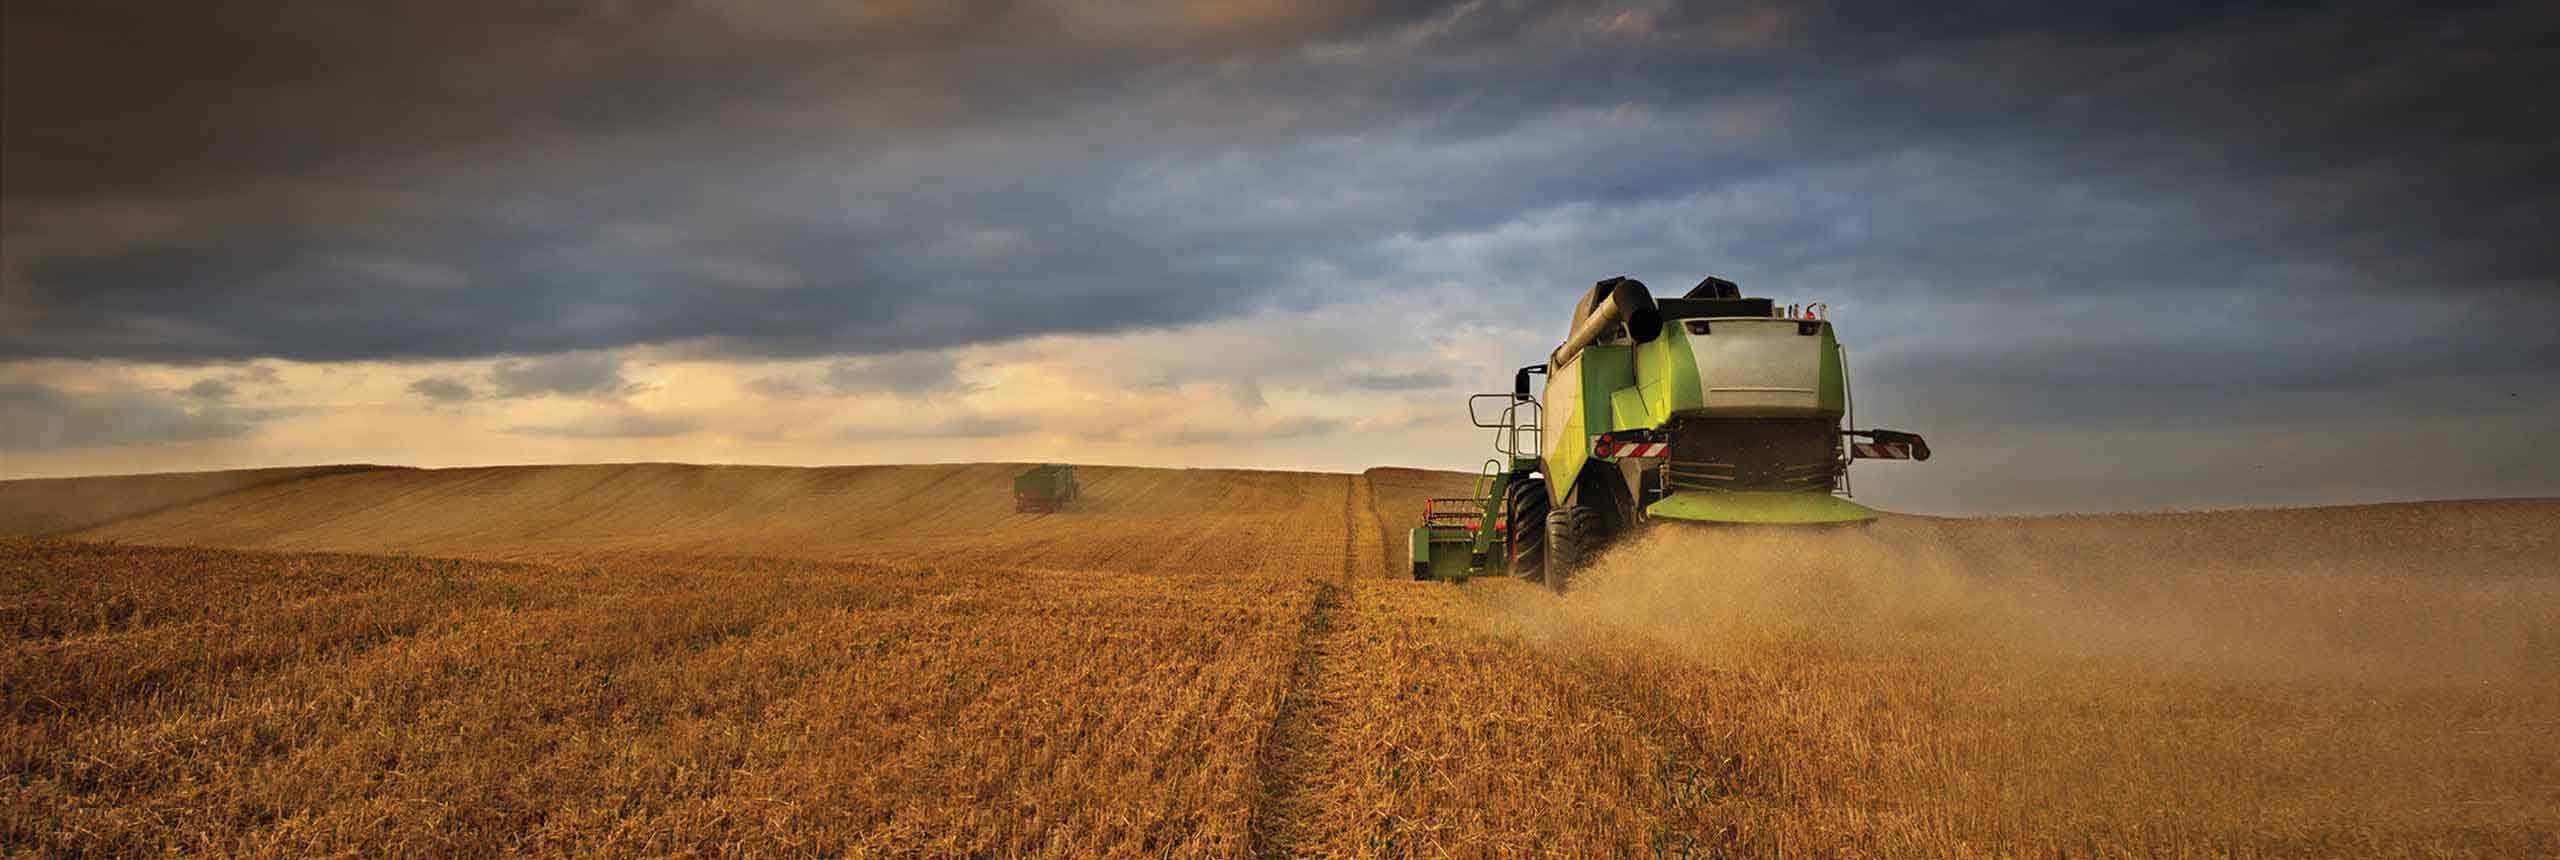 Profesjonalne rozwiązania dla rolnictwa - AgroDudek